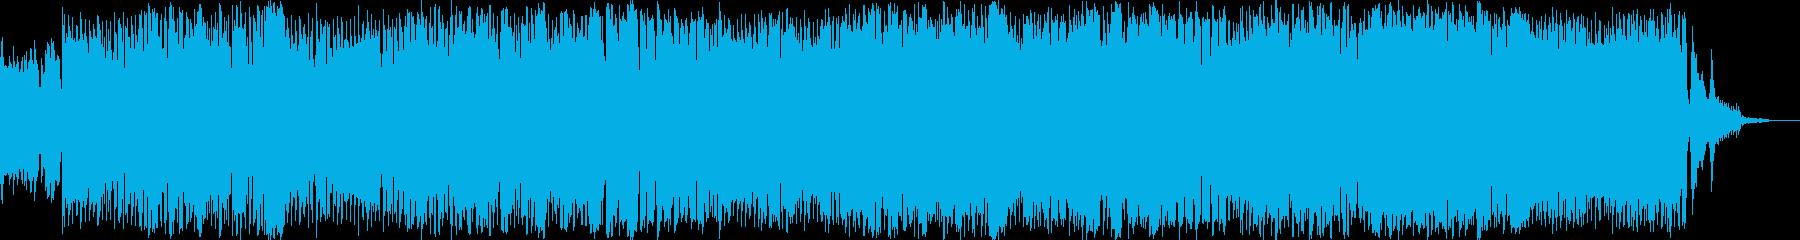 エレキギター主体のポップスの再生済みの波形